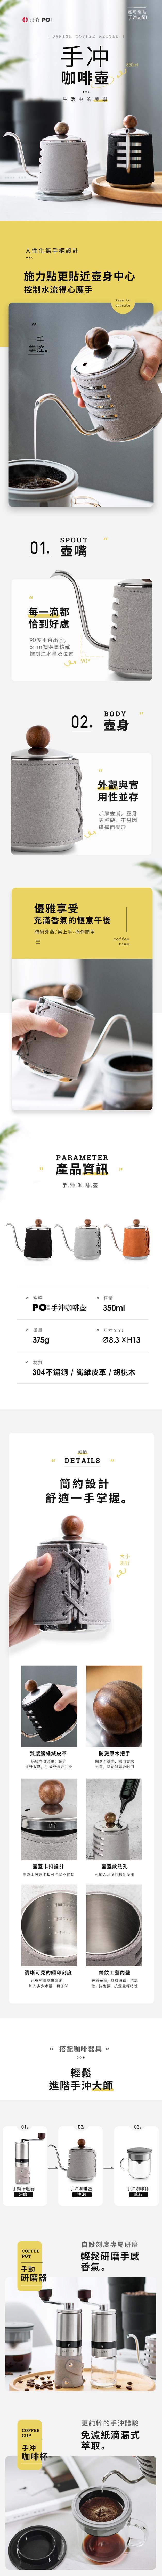 (複製)PO:Selected|丹麥手沖咖啡禮盒組(手動不鏽鋼咖啡磨2.0/咖啡玻璃杯240ml-黃)